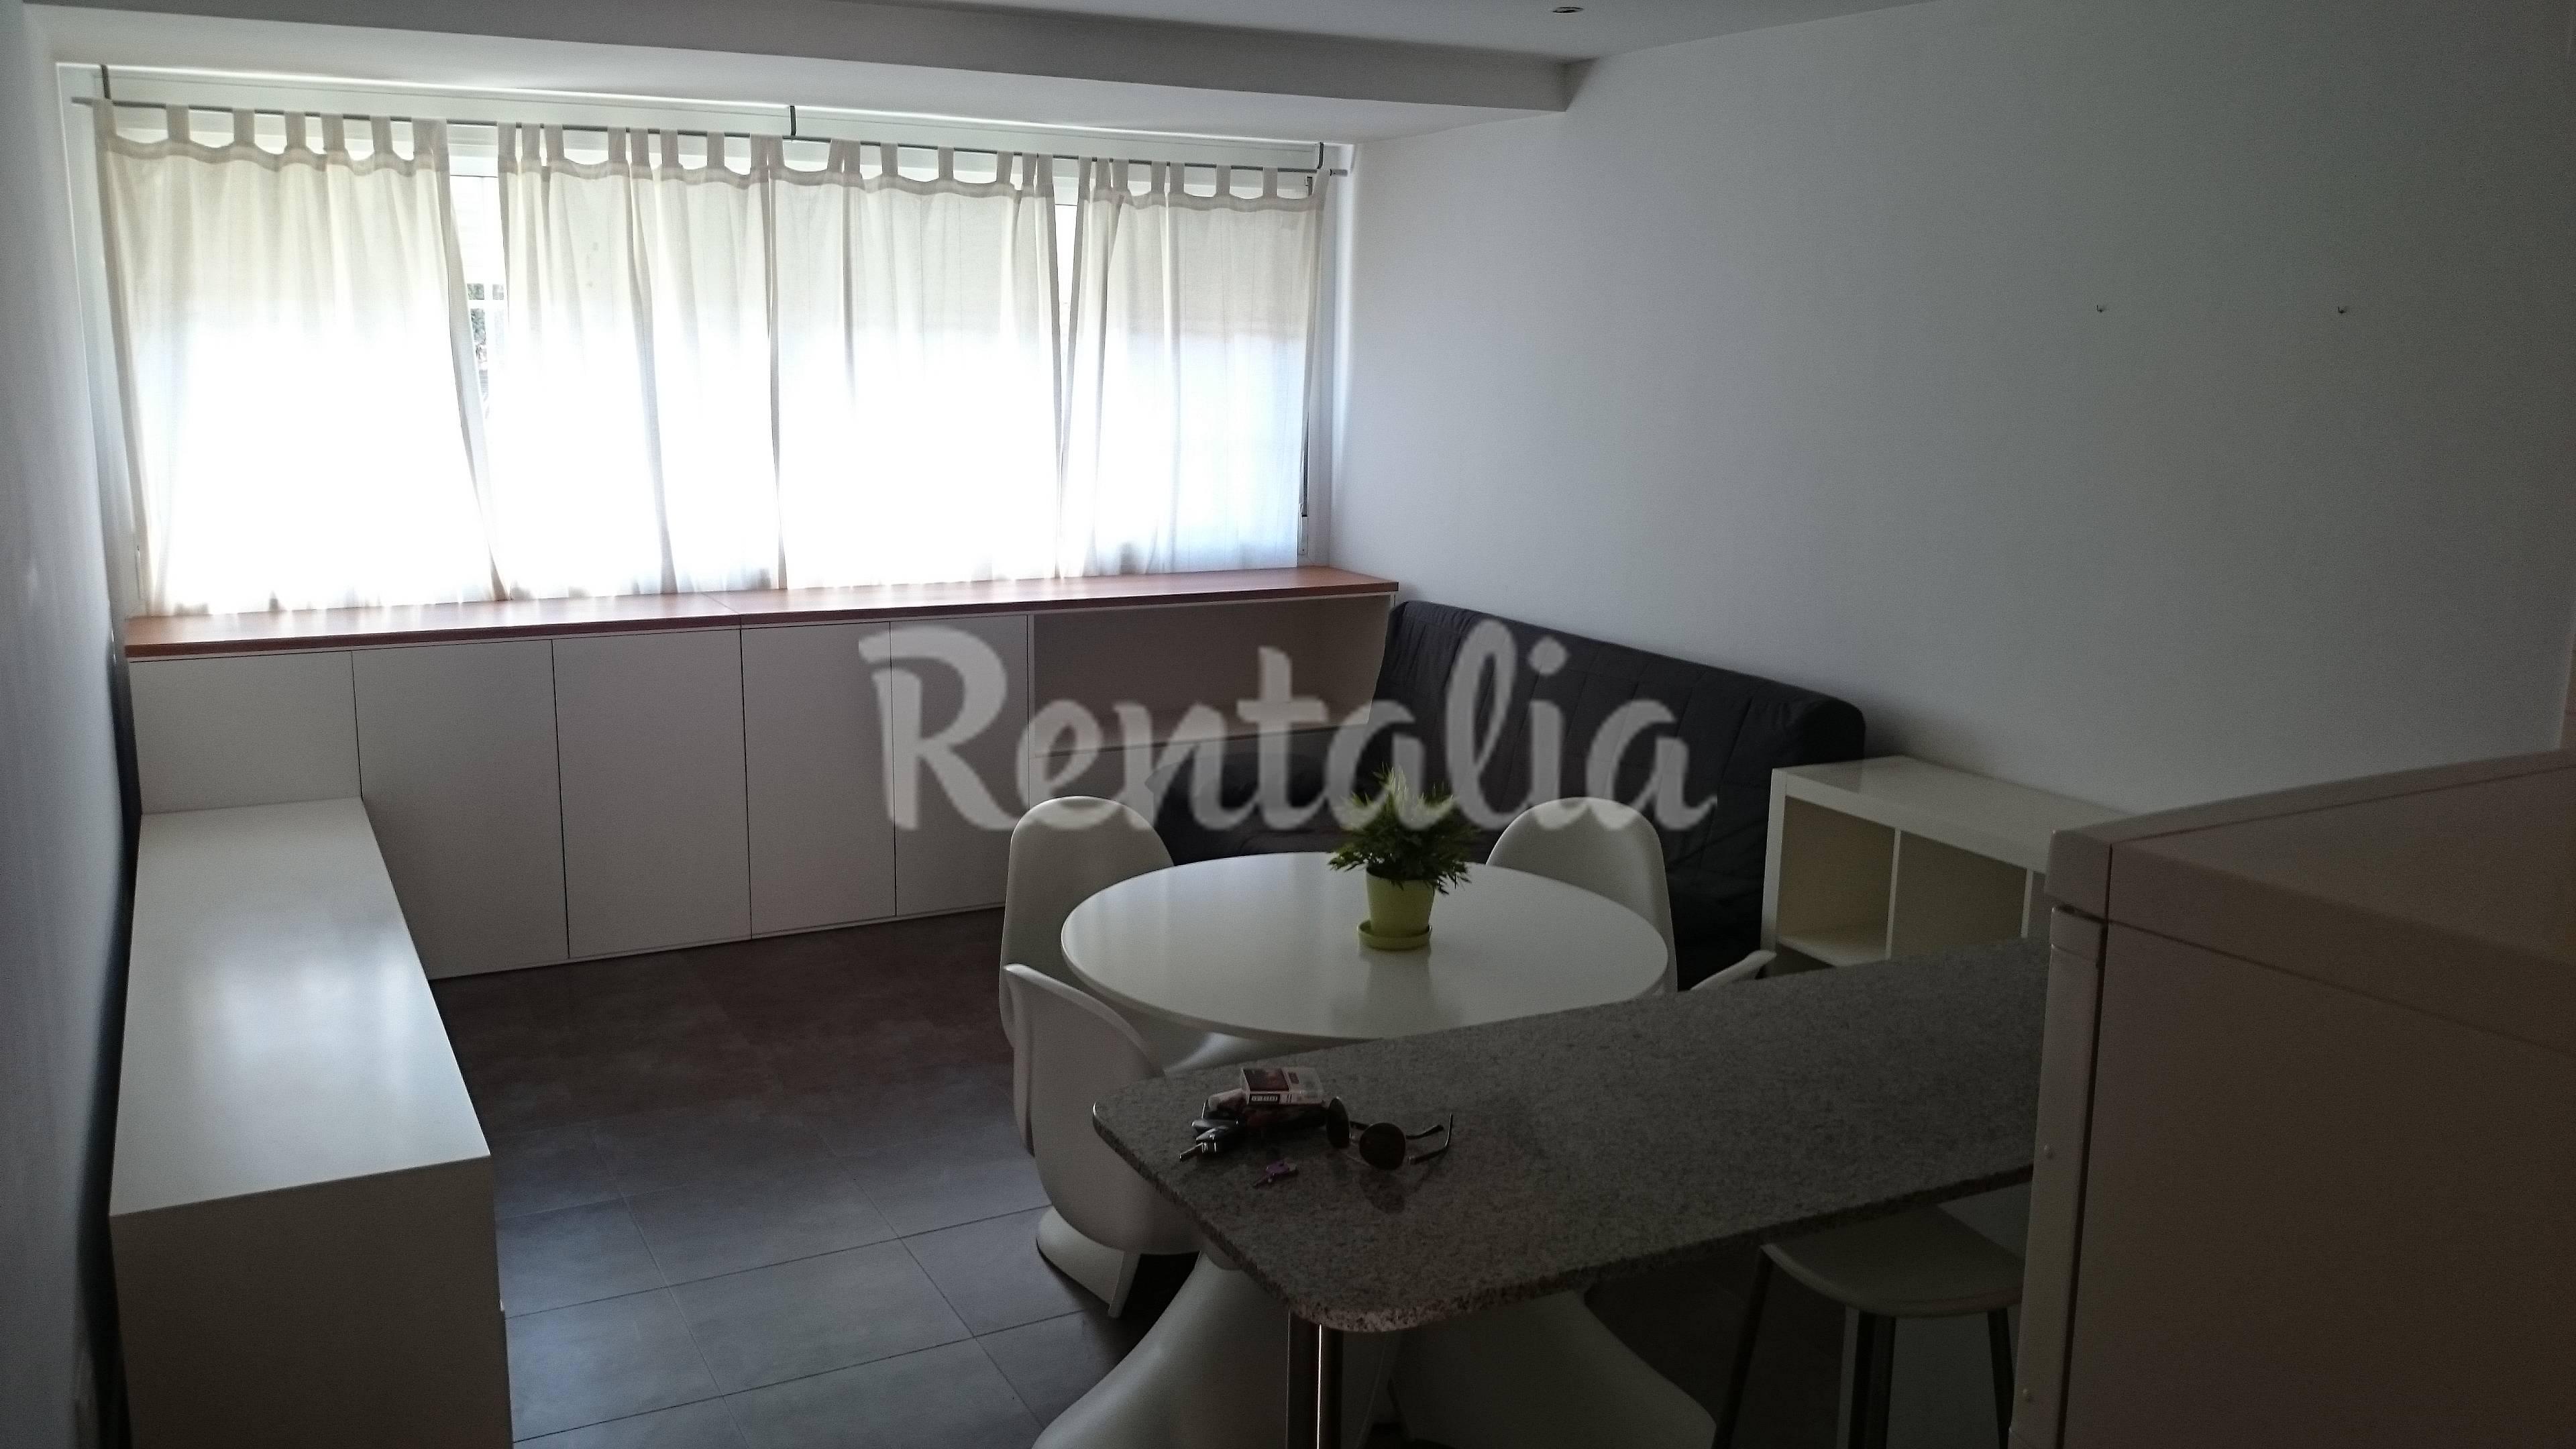 Apartamento en alquiler a 50 m de la playa - Castelldefels ...